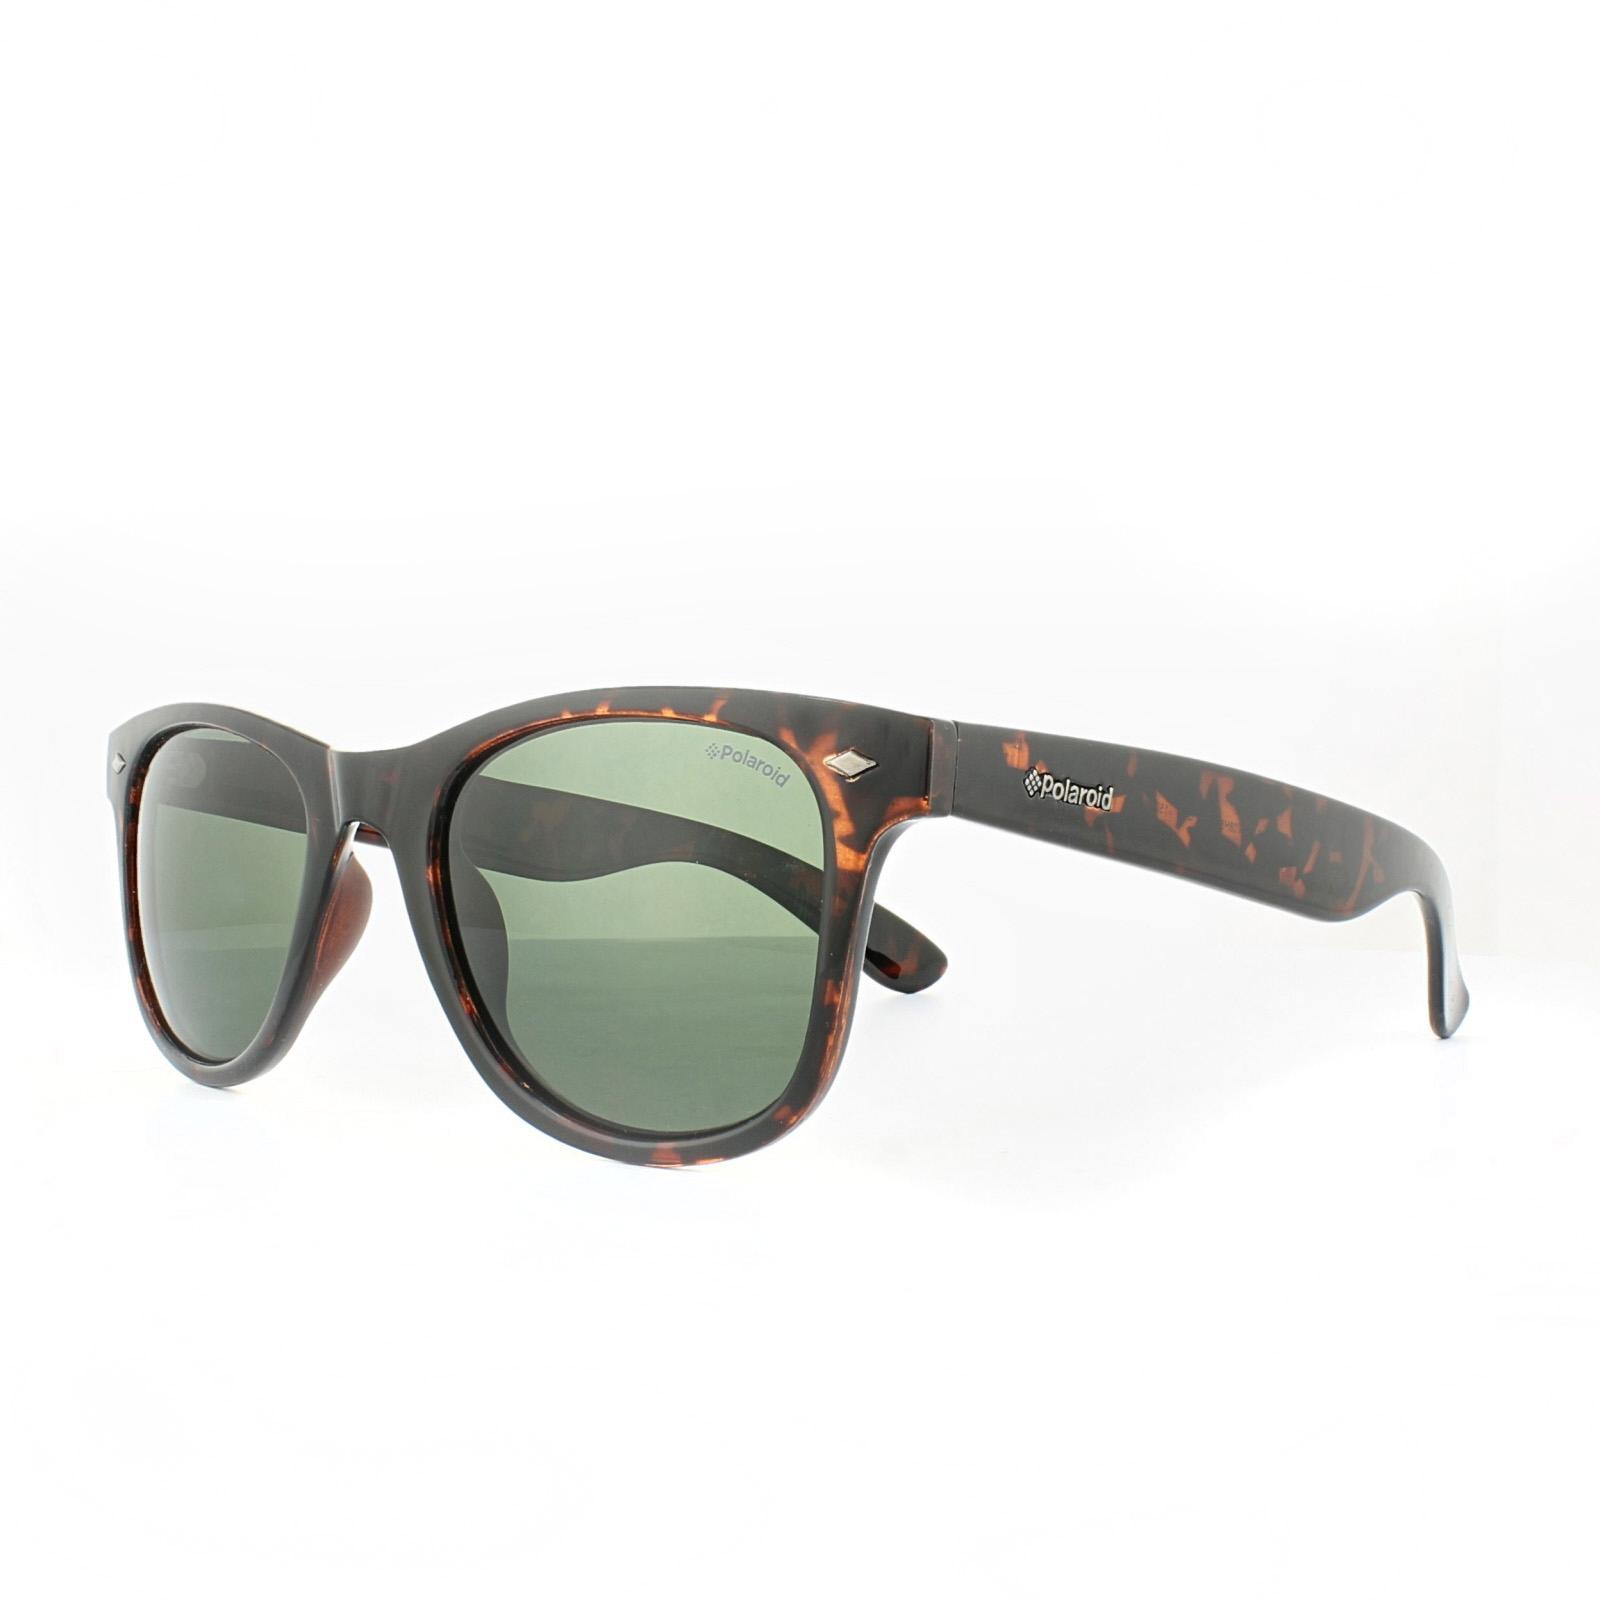 Polaroid Herren Sonnenbrille » PLD 1016/S«, braun, V08/H8 - braun/grün